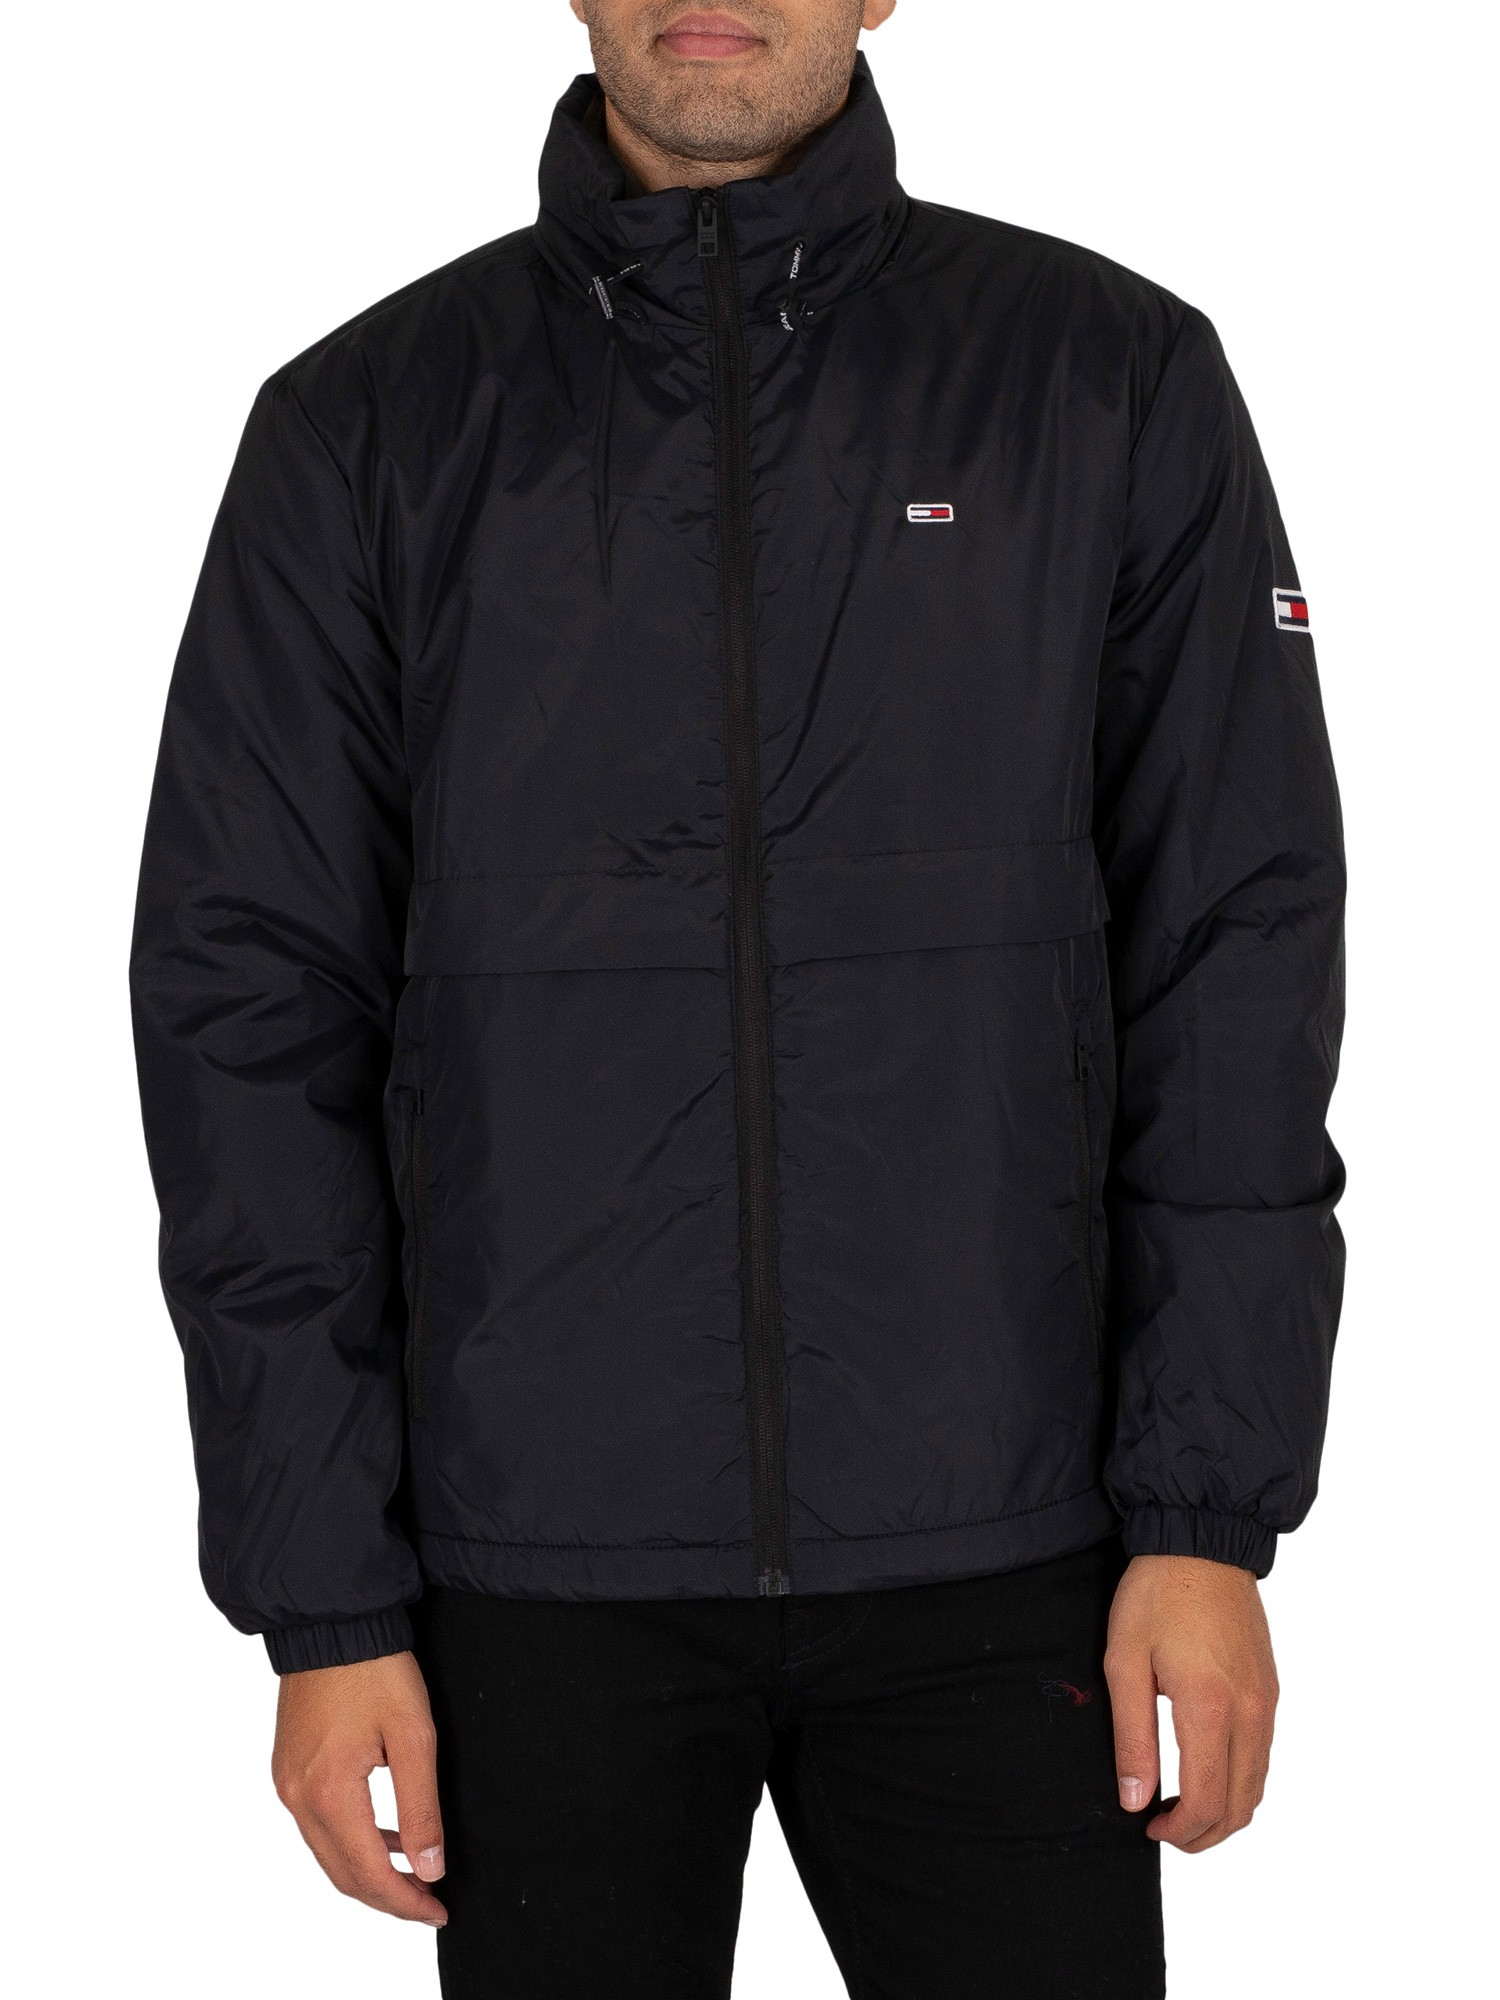 Clothing Nylon Yoke Jacket